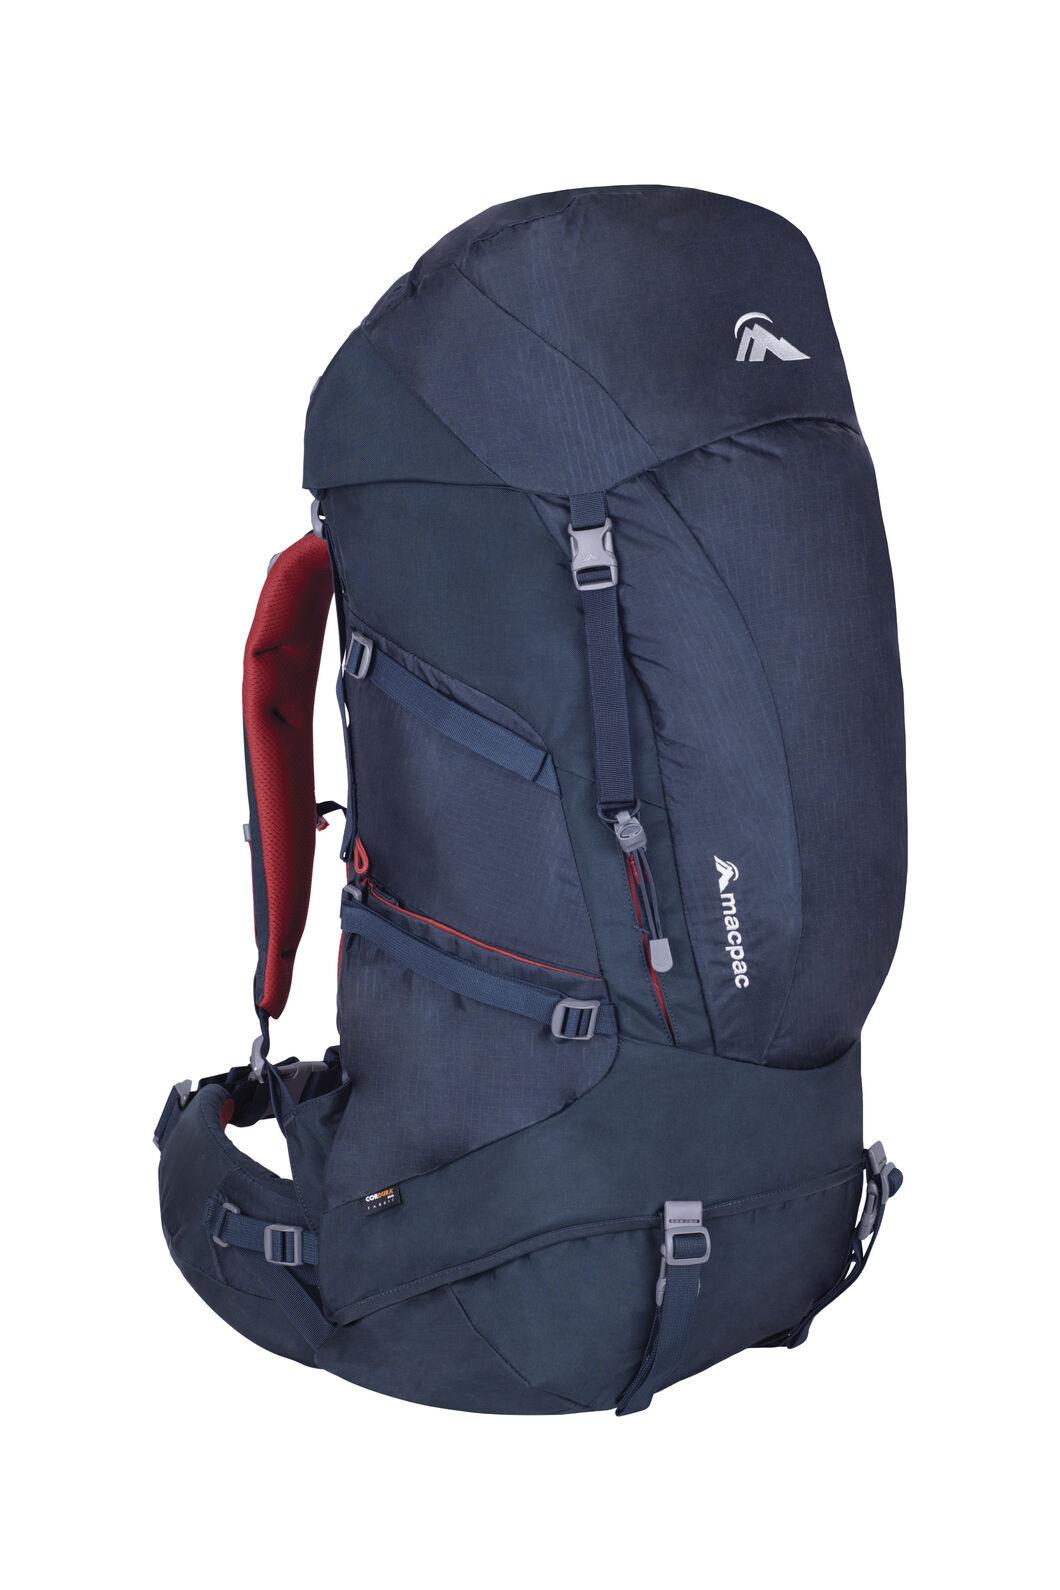 Macpac Torlesse 50L Hiking Pack, Carbon, hi-res